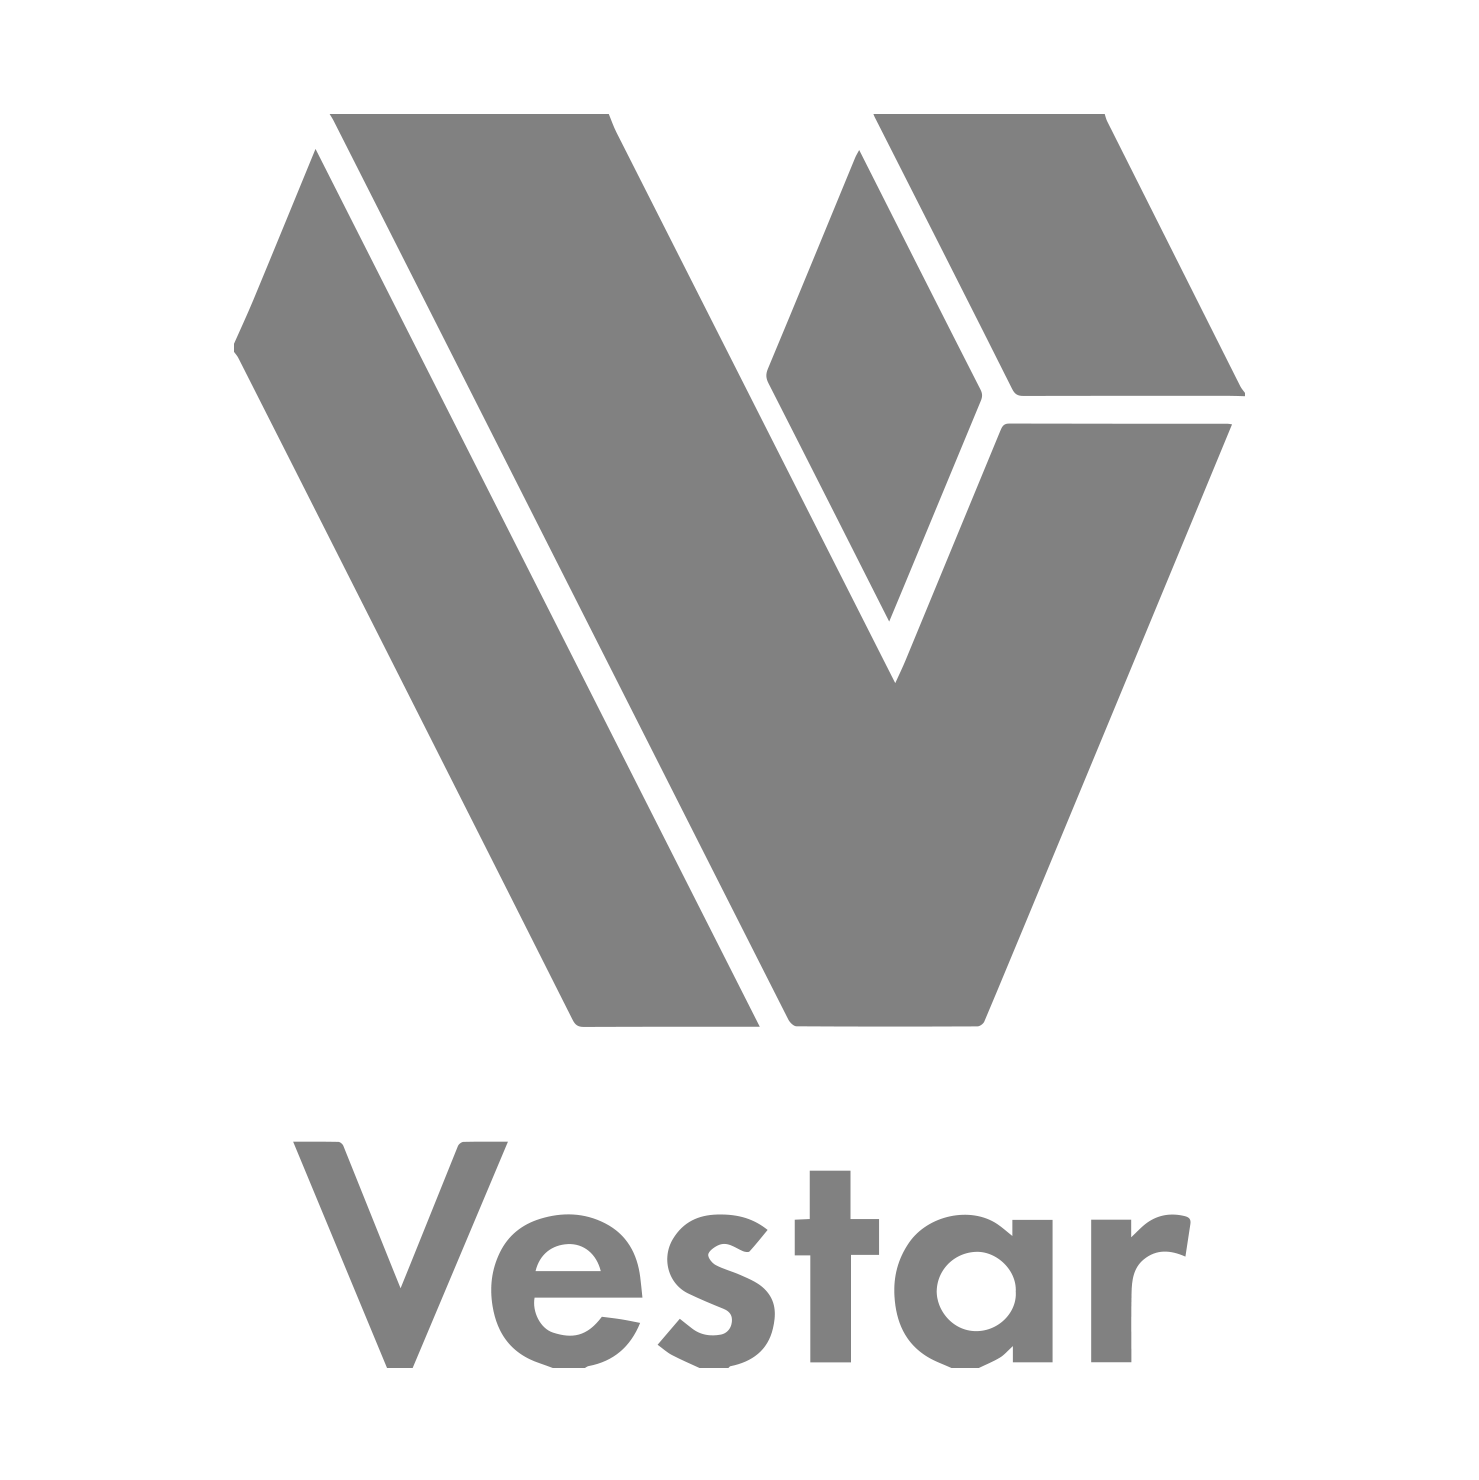 Vestar_001.png